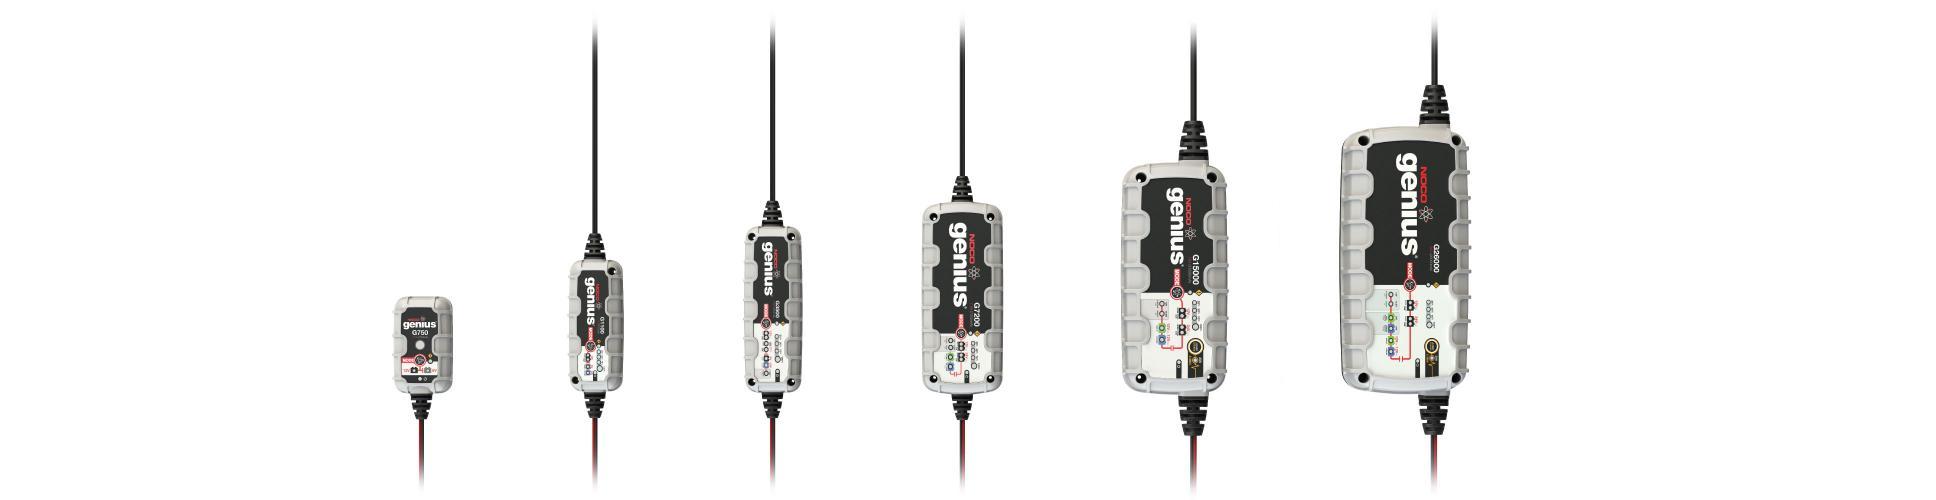 cargadores de bateria noco genius